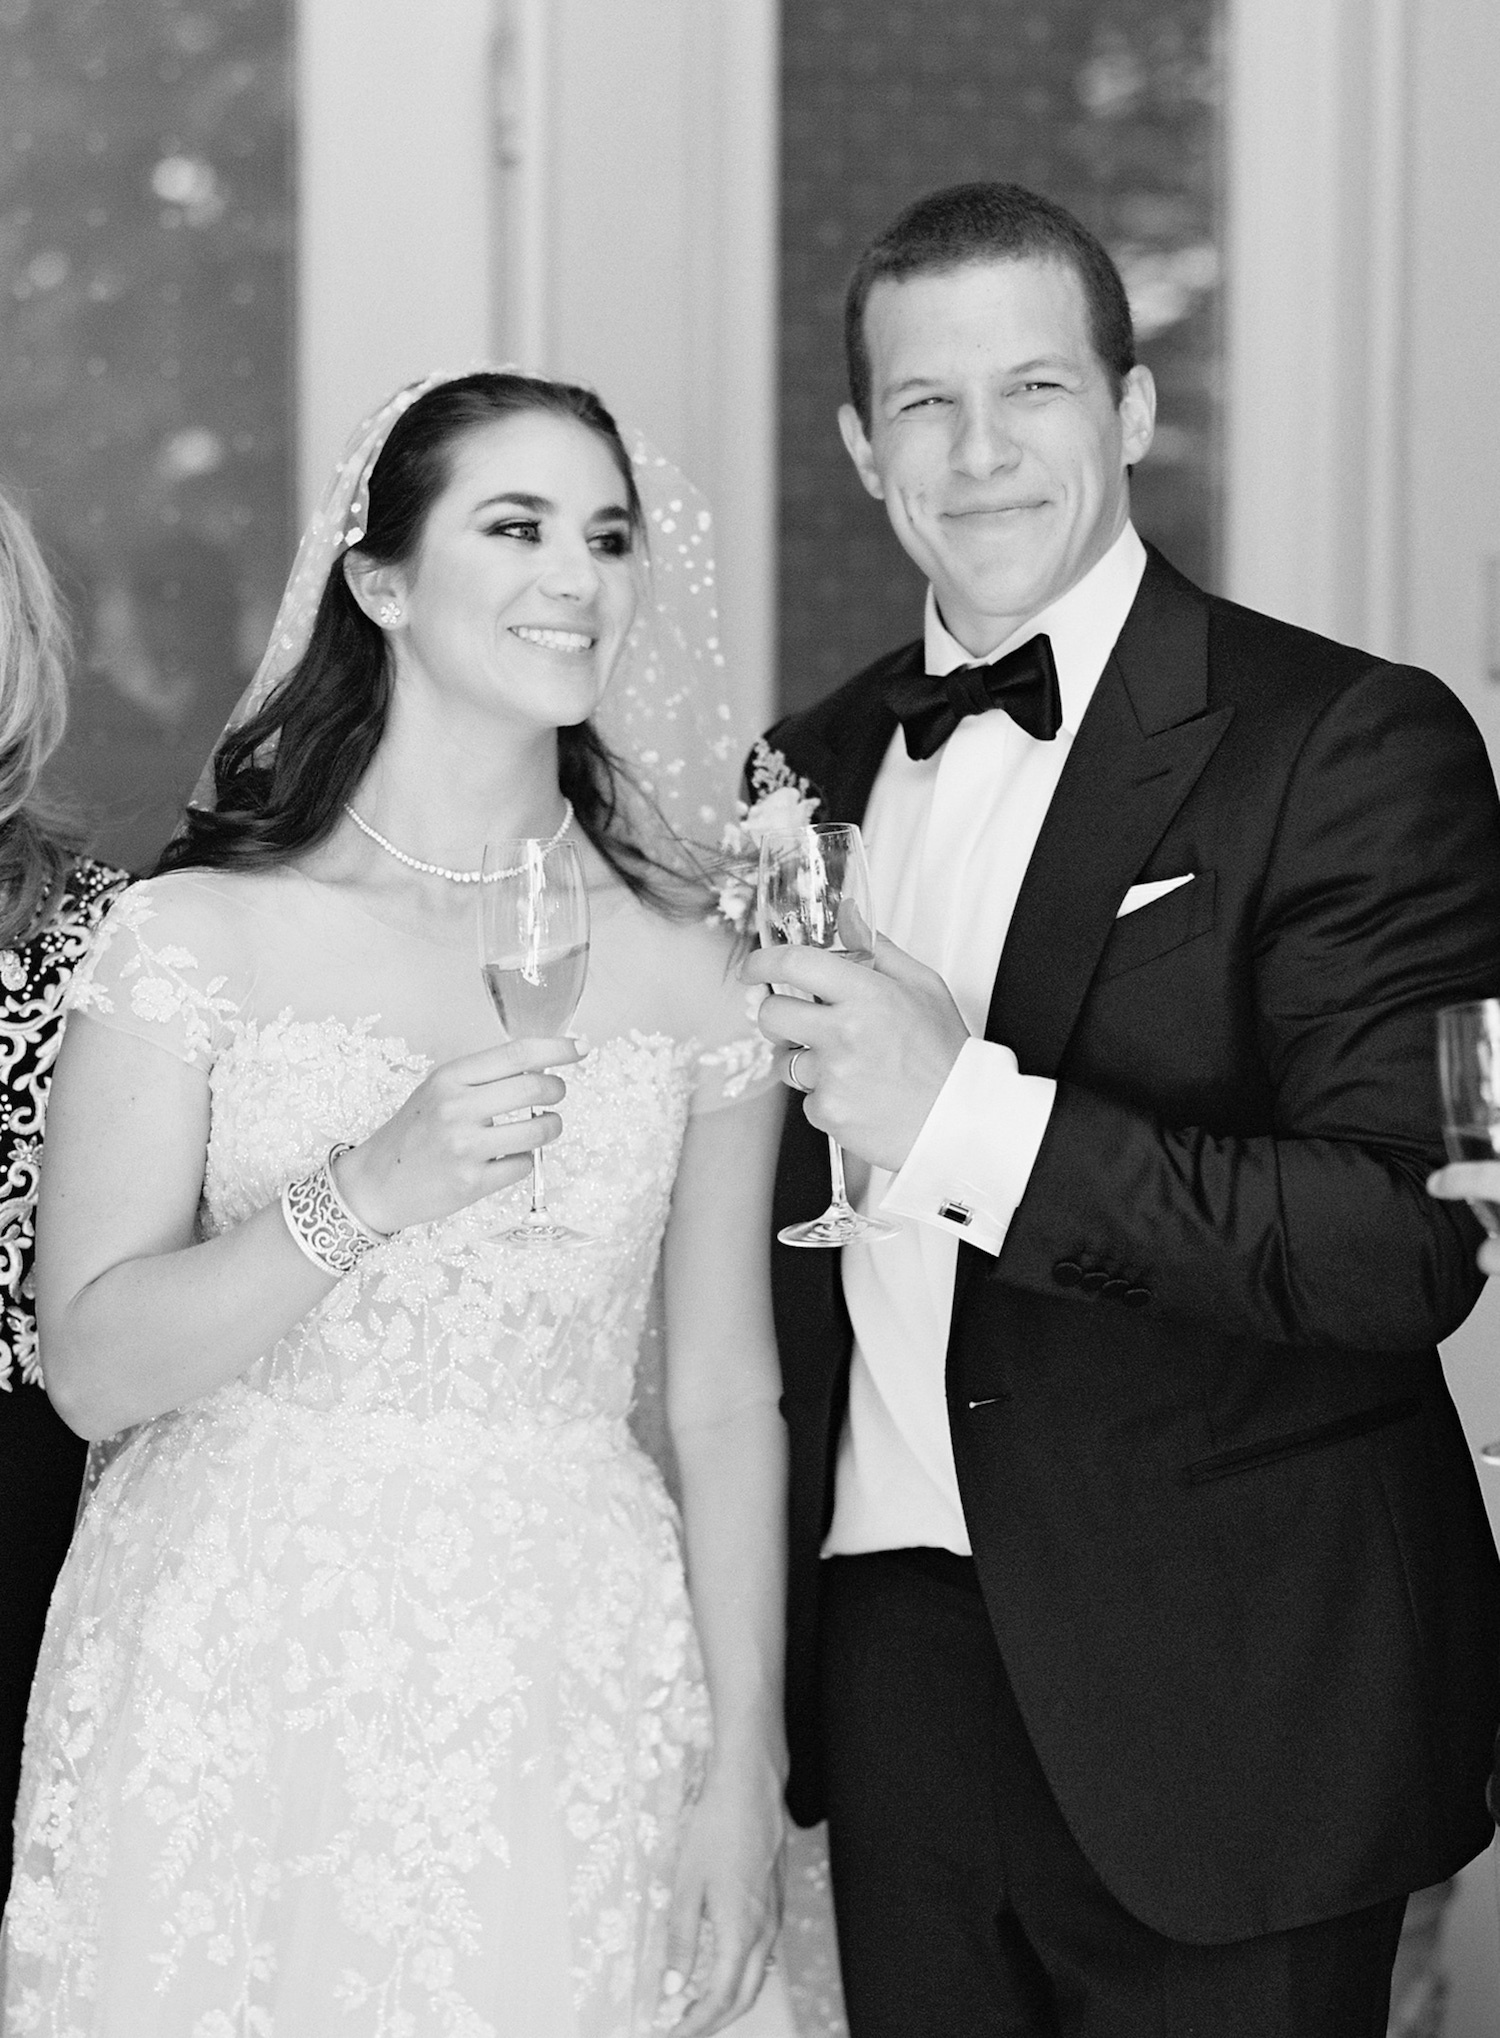 champagne-toast-micro-wedding-coronavirus